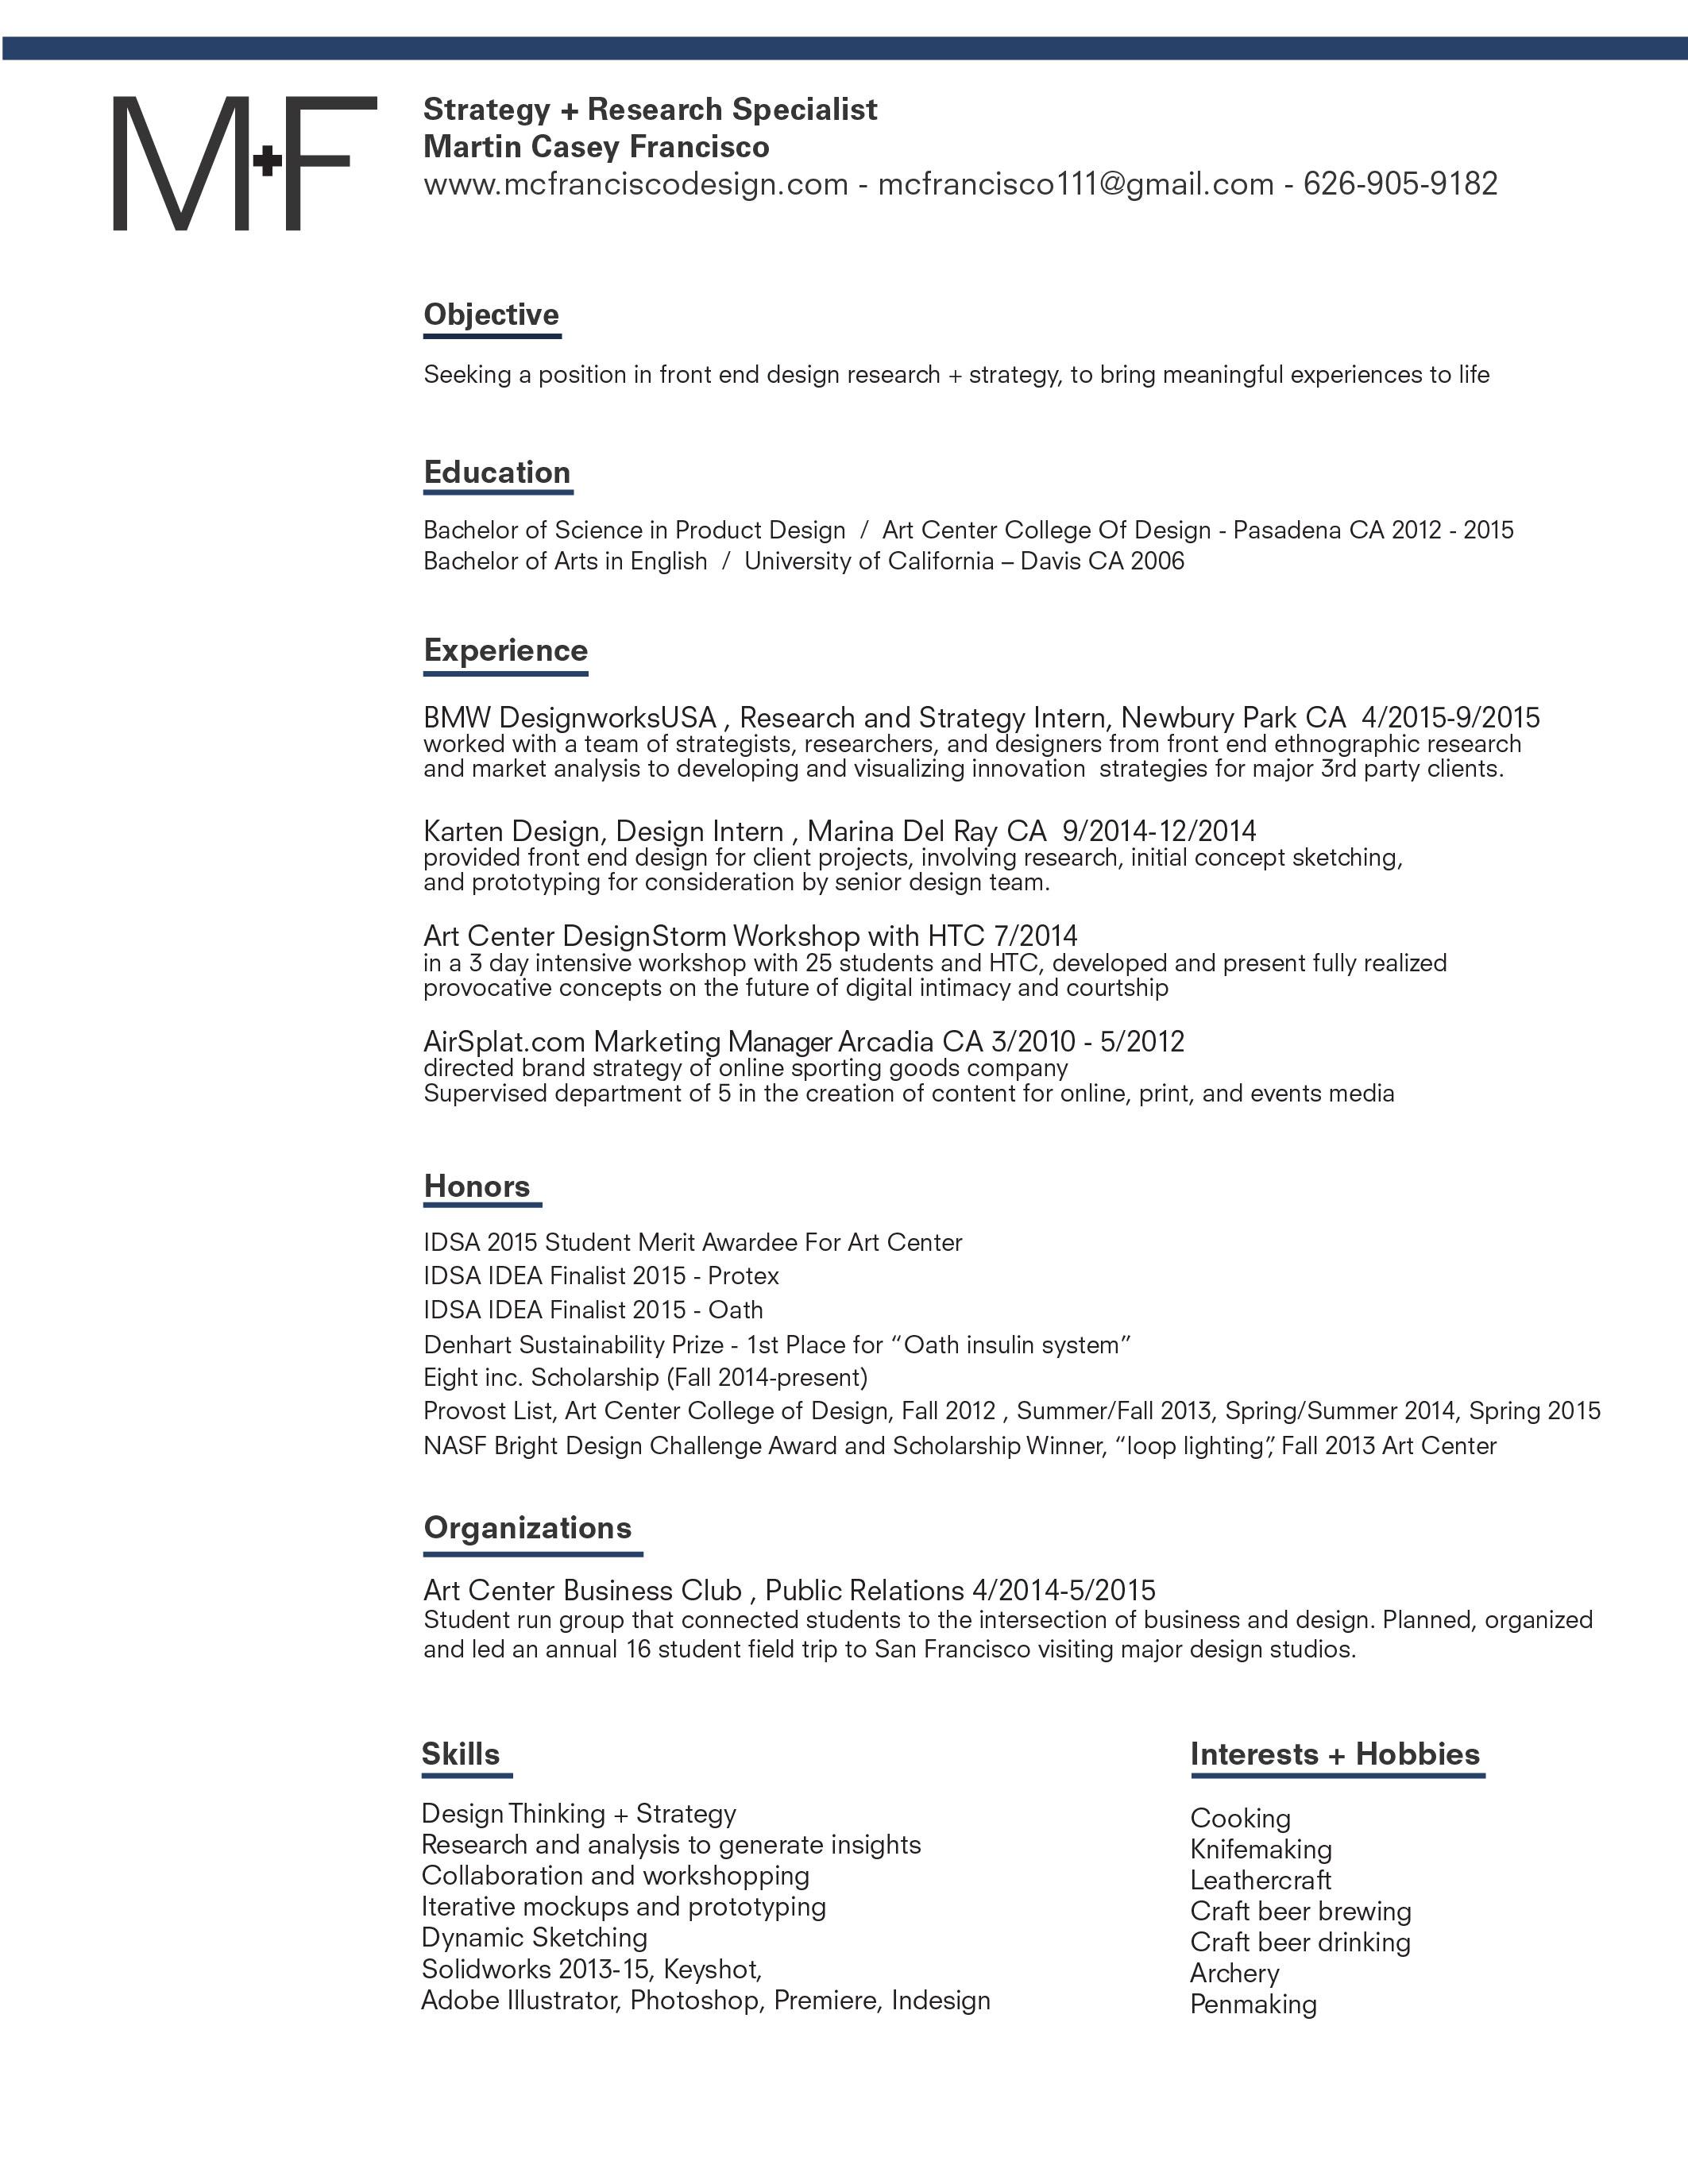 Resume Processform